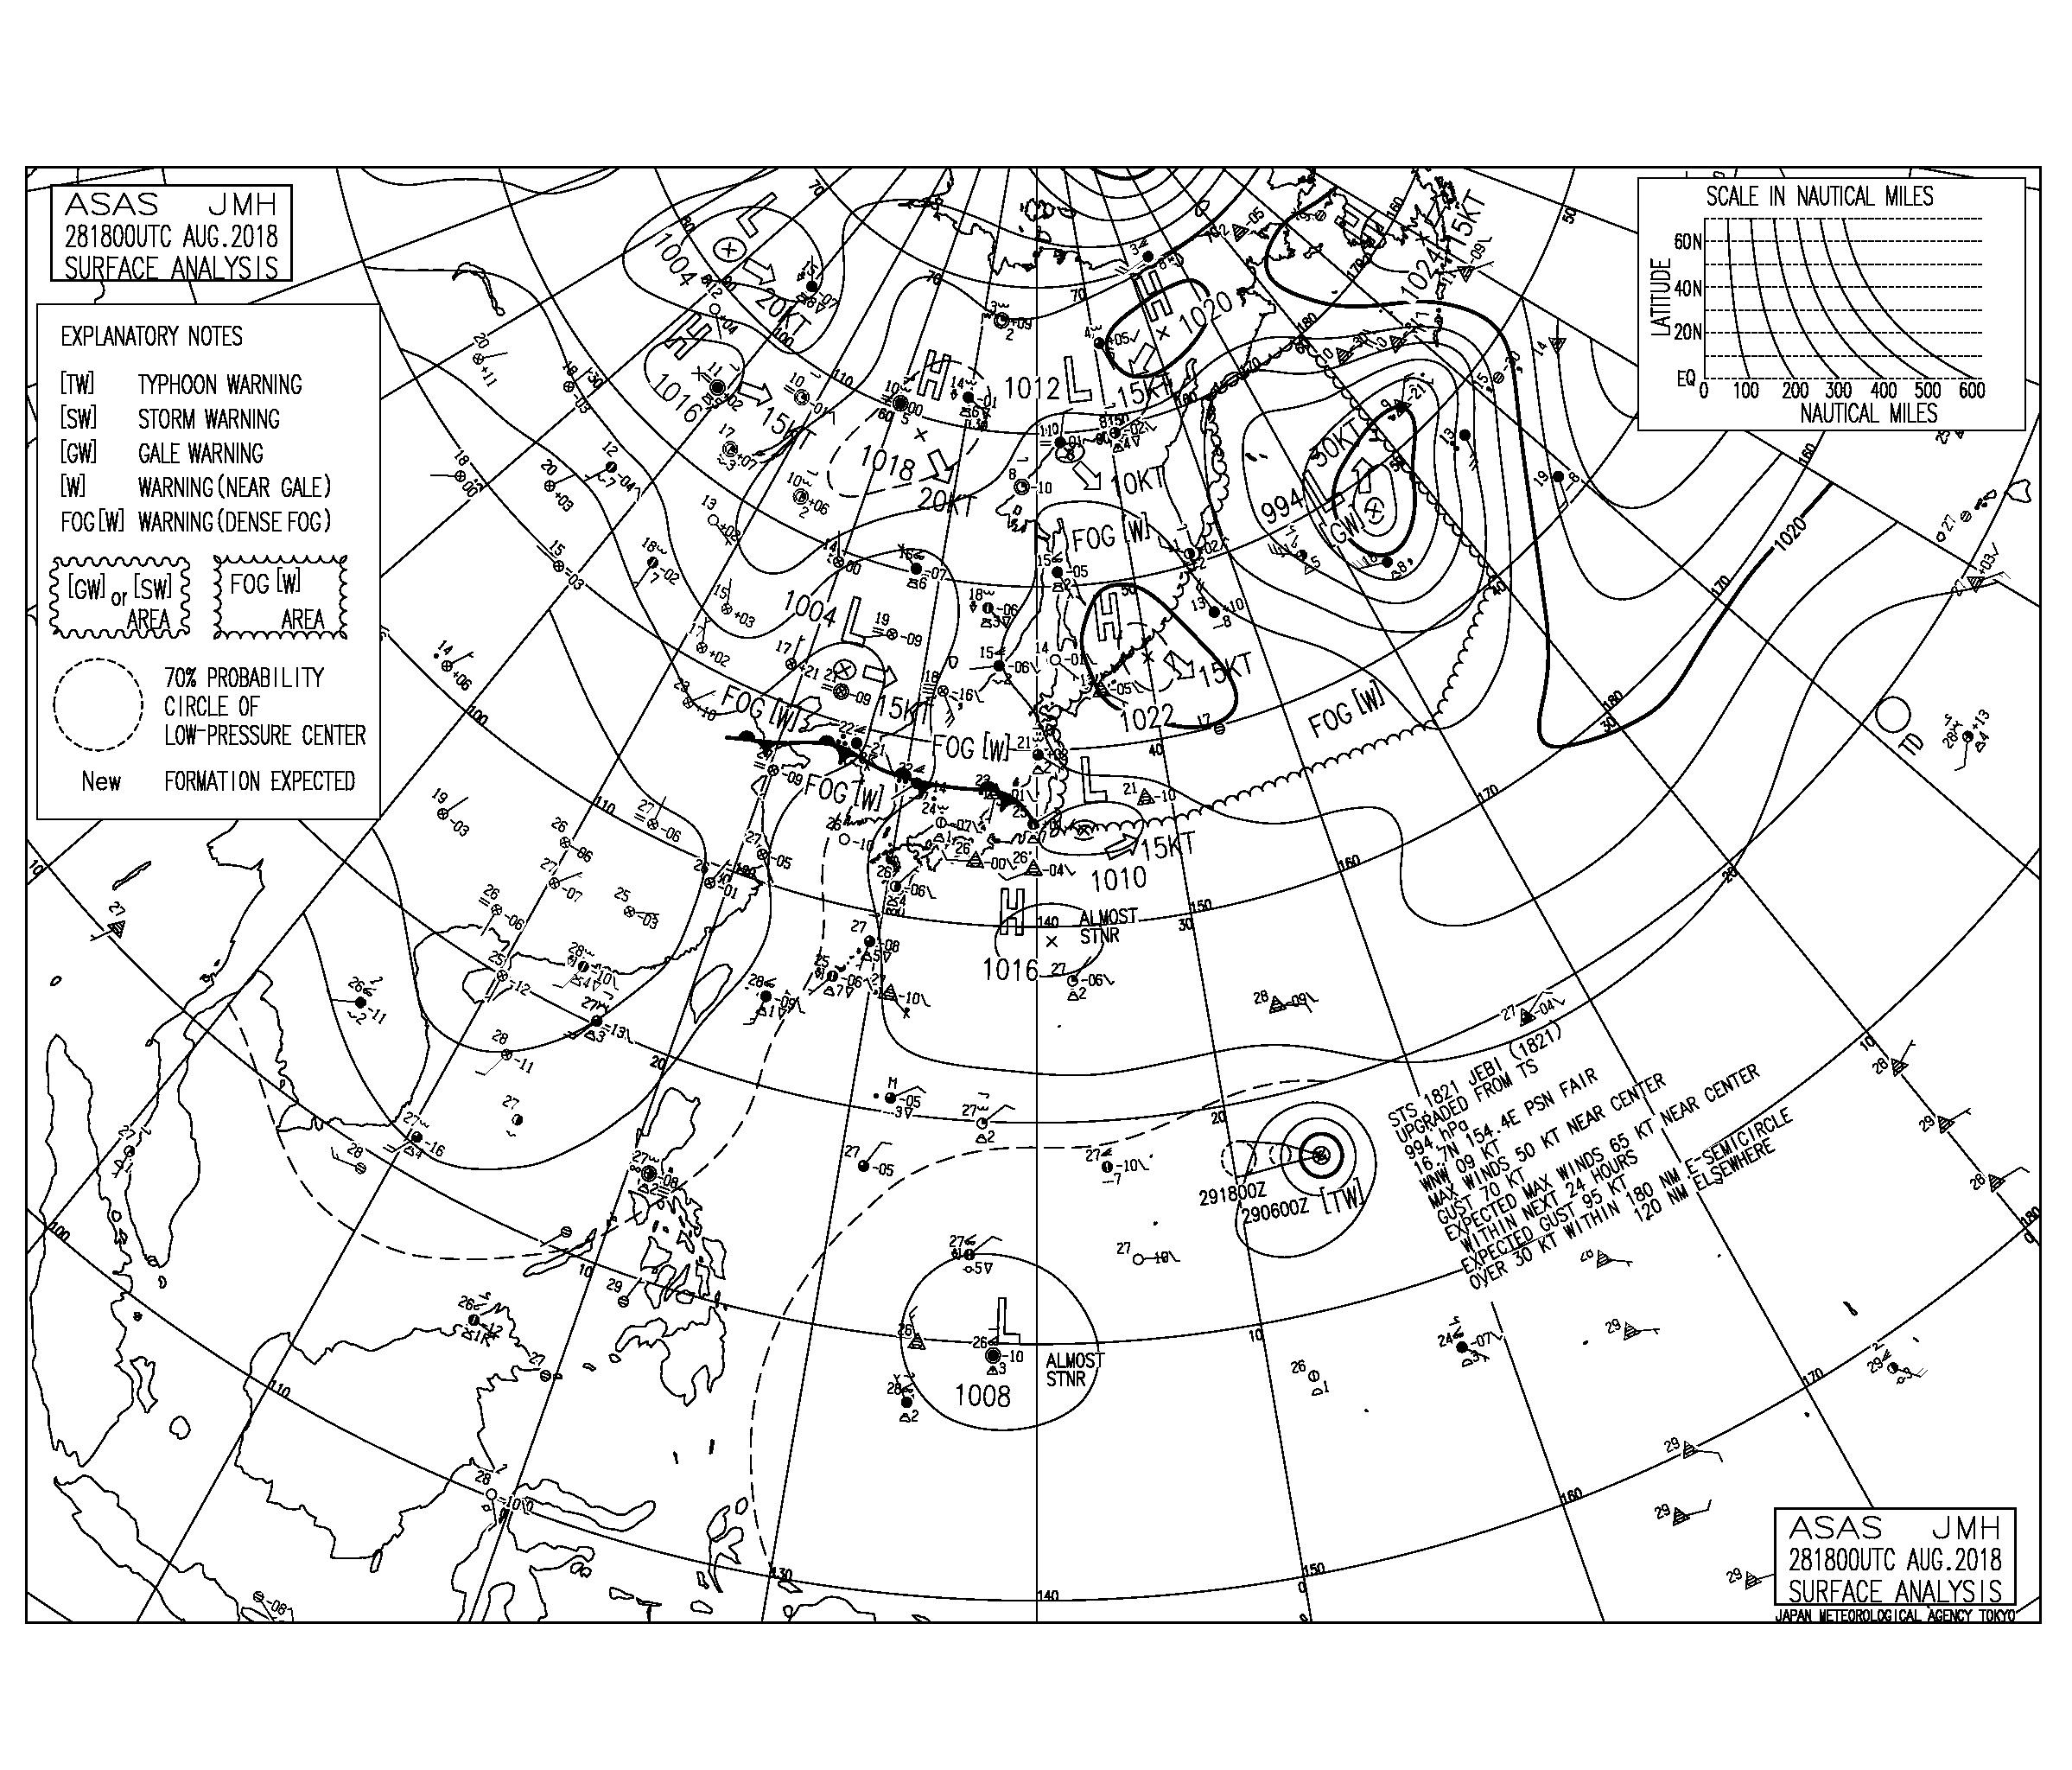 8/29 3:00 ASAS 気圧配置と波情報~台風21号が発生、来週にかけて動向は要チェック